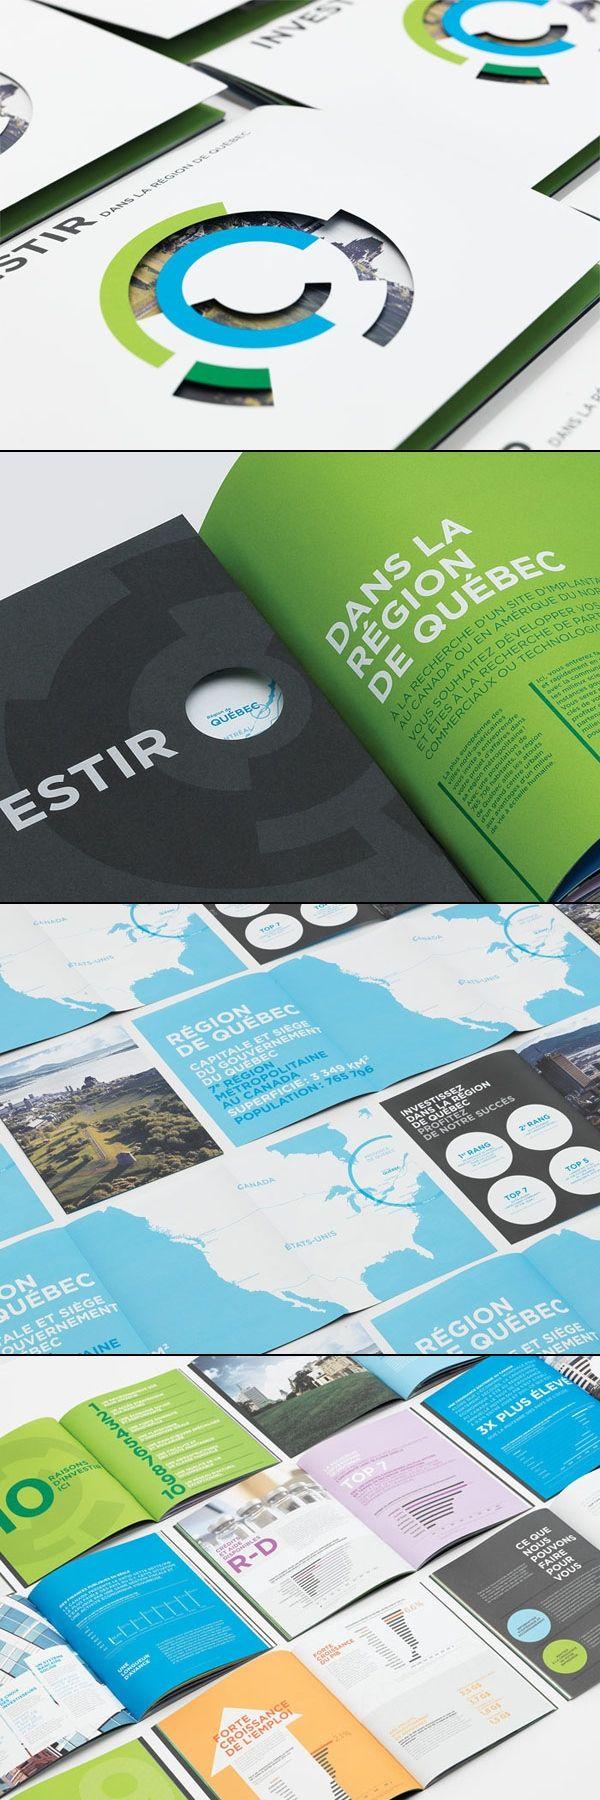 brochure-design-2014-06